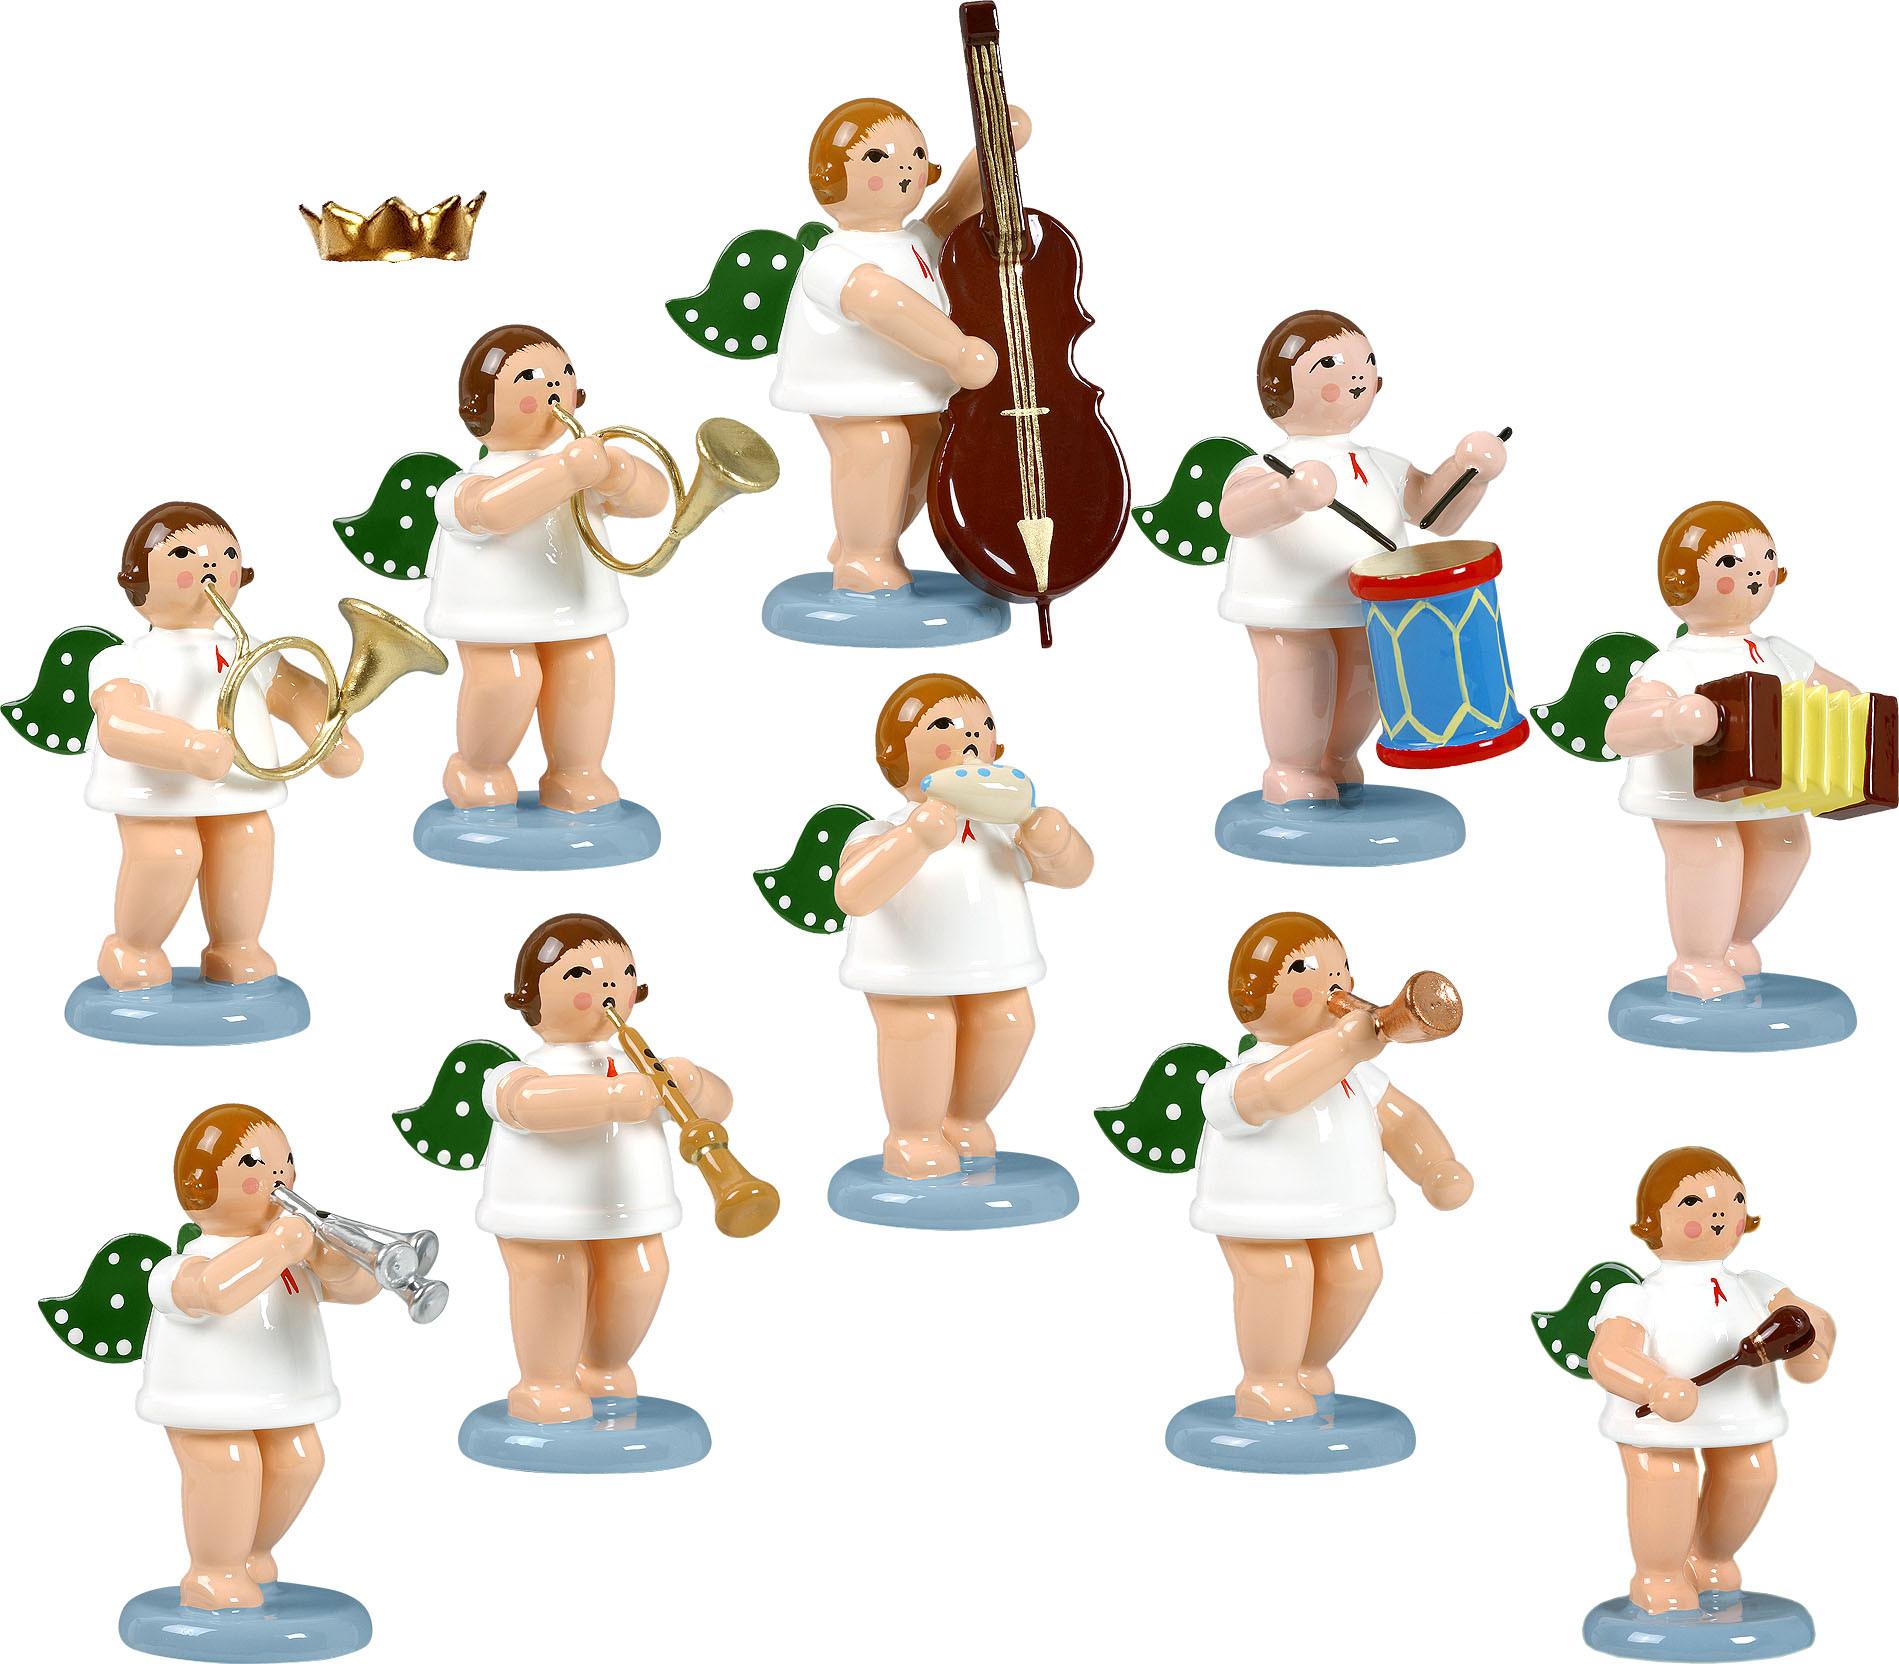 Engelmusikanten 10-teilig, Variante 4 - mit Krone